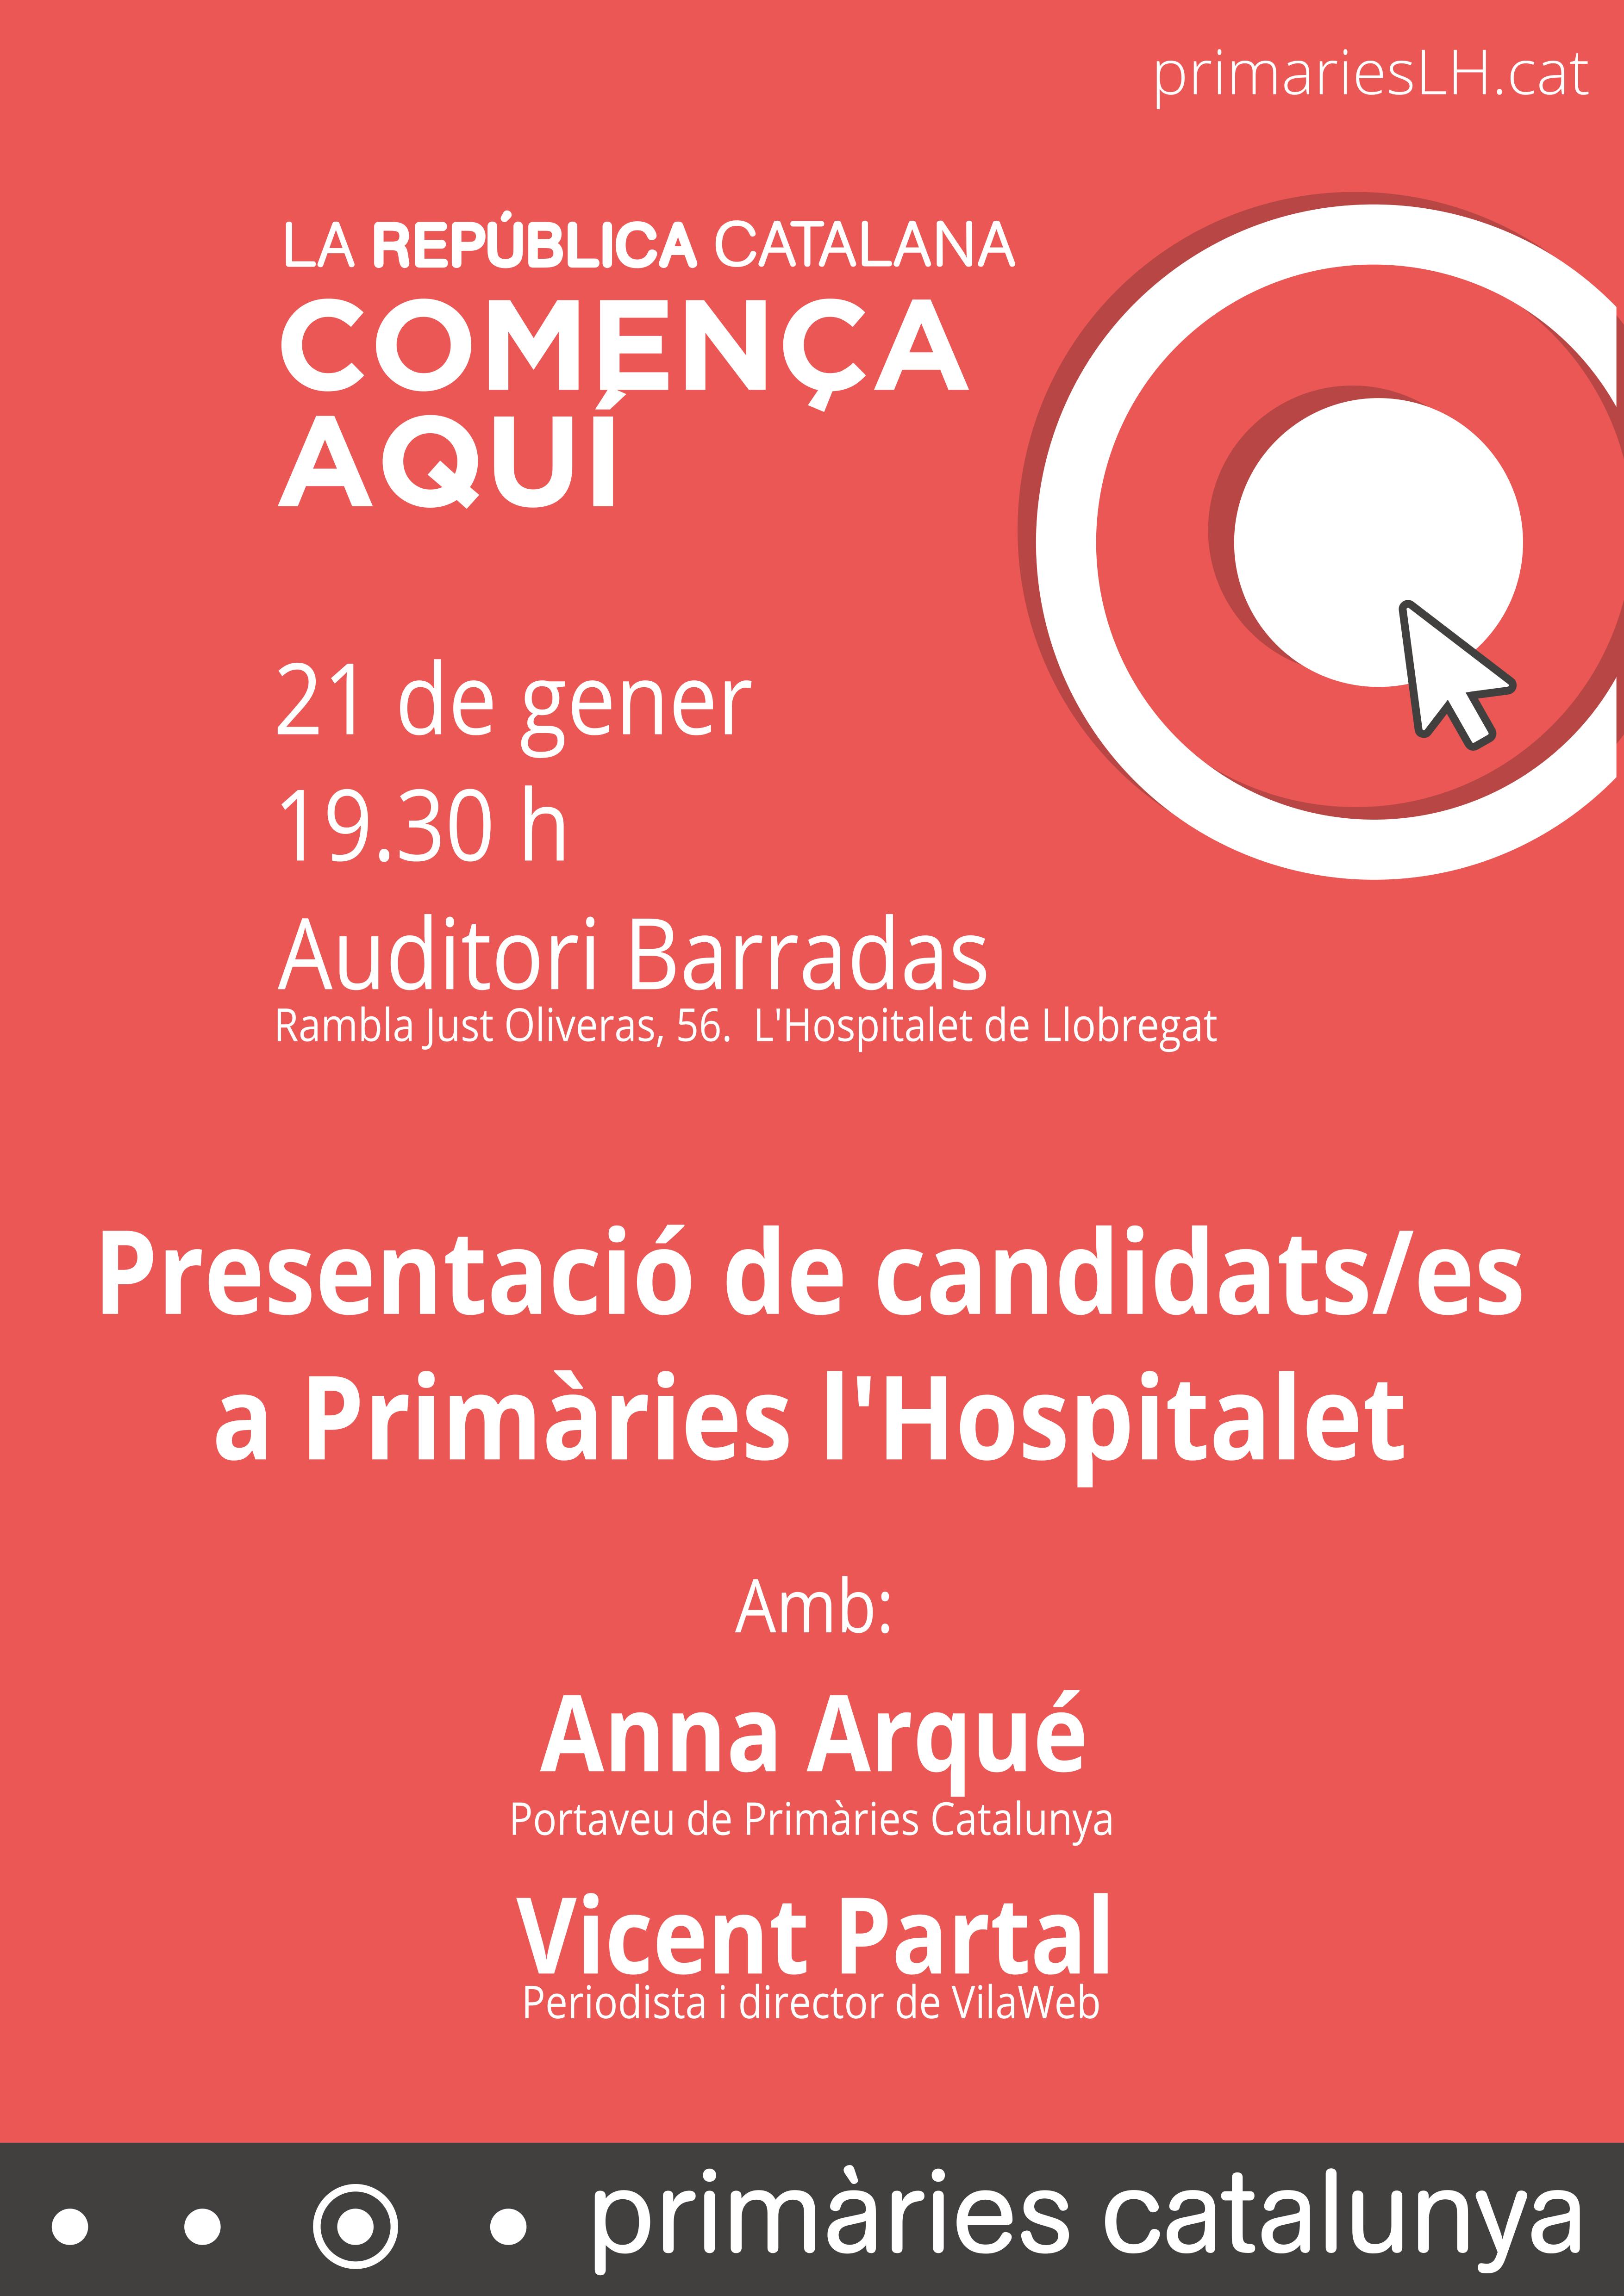 Presentació dels candidats/es a Primàries l'Hospitalet